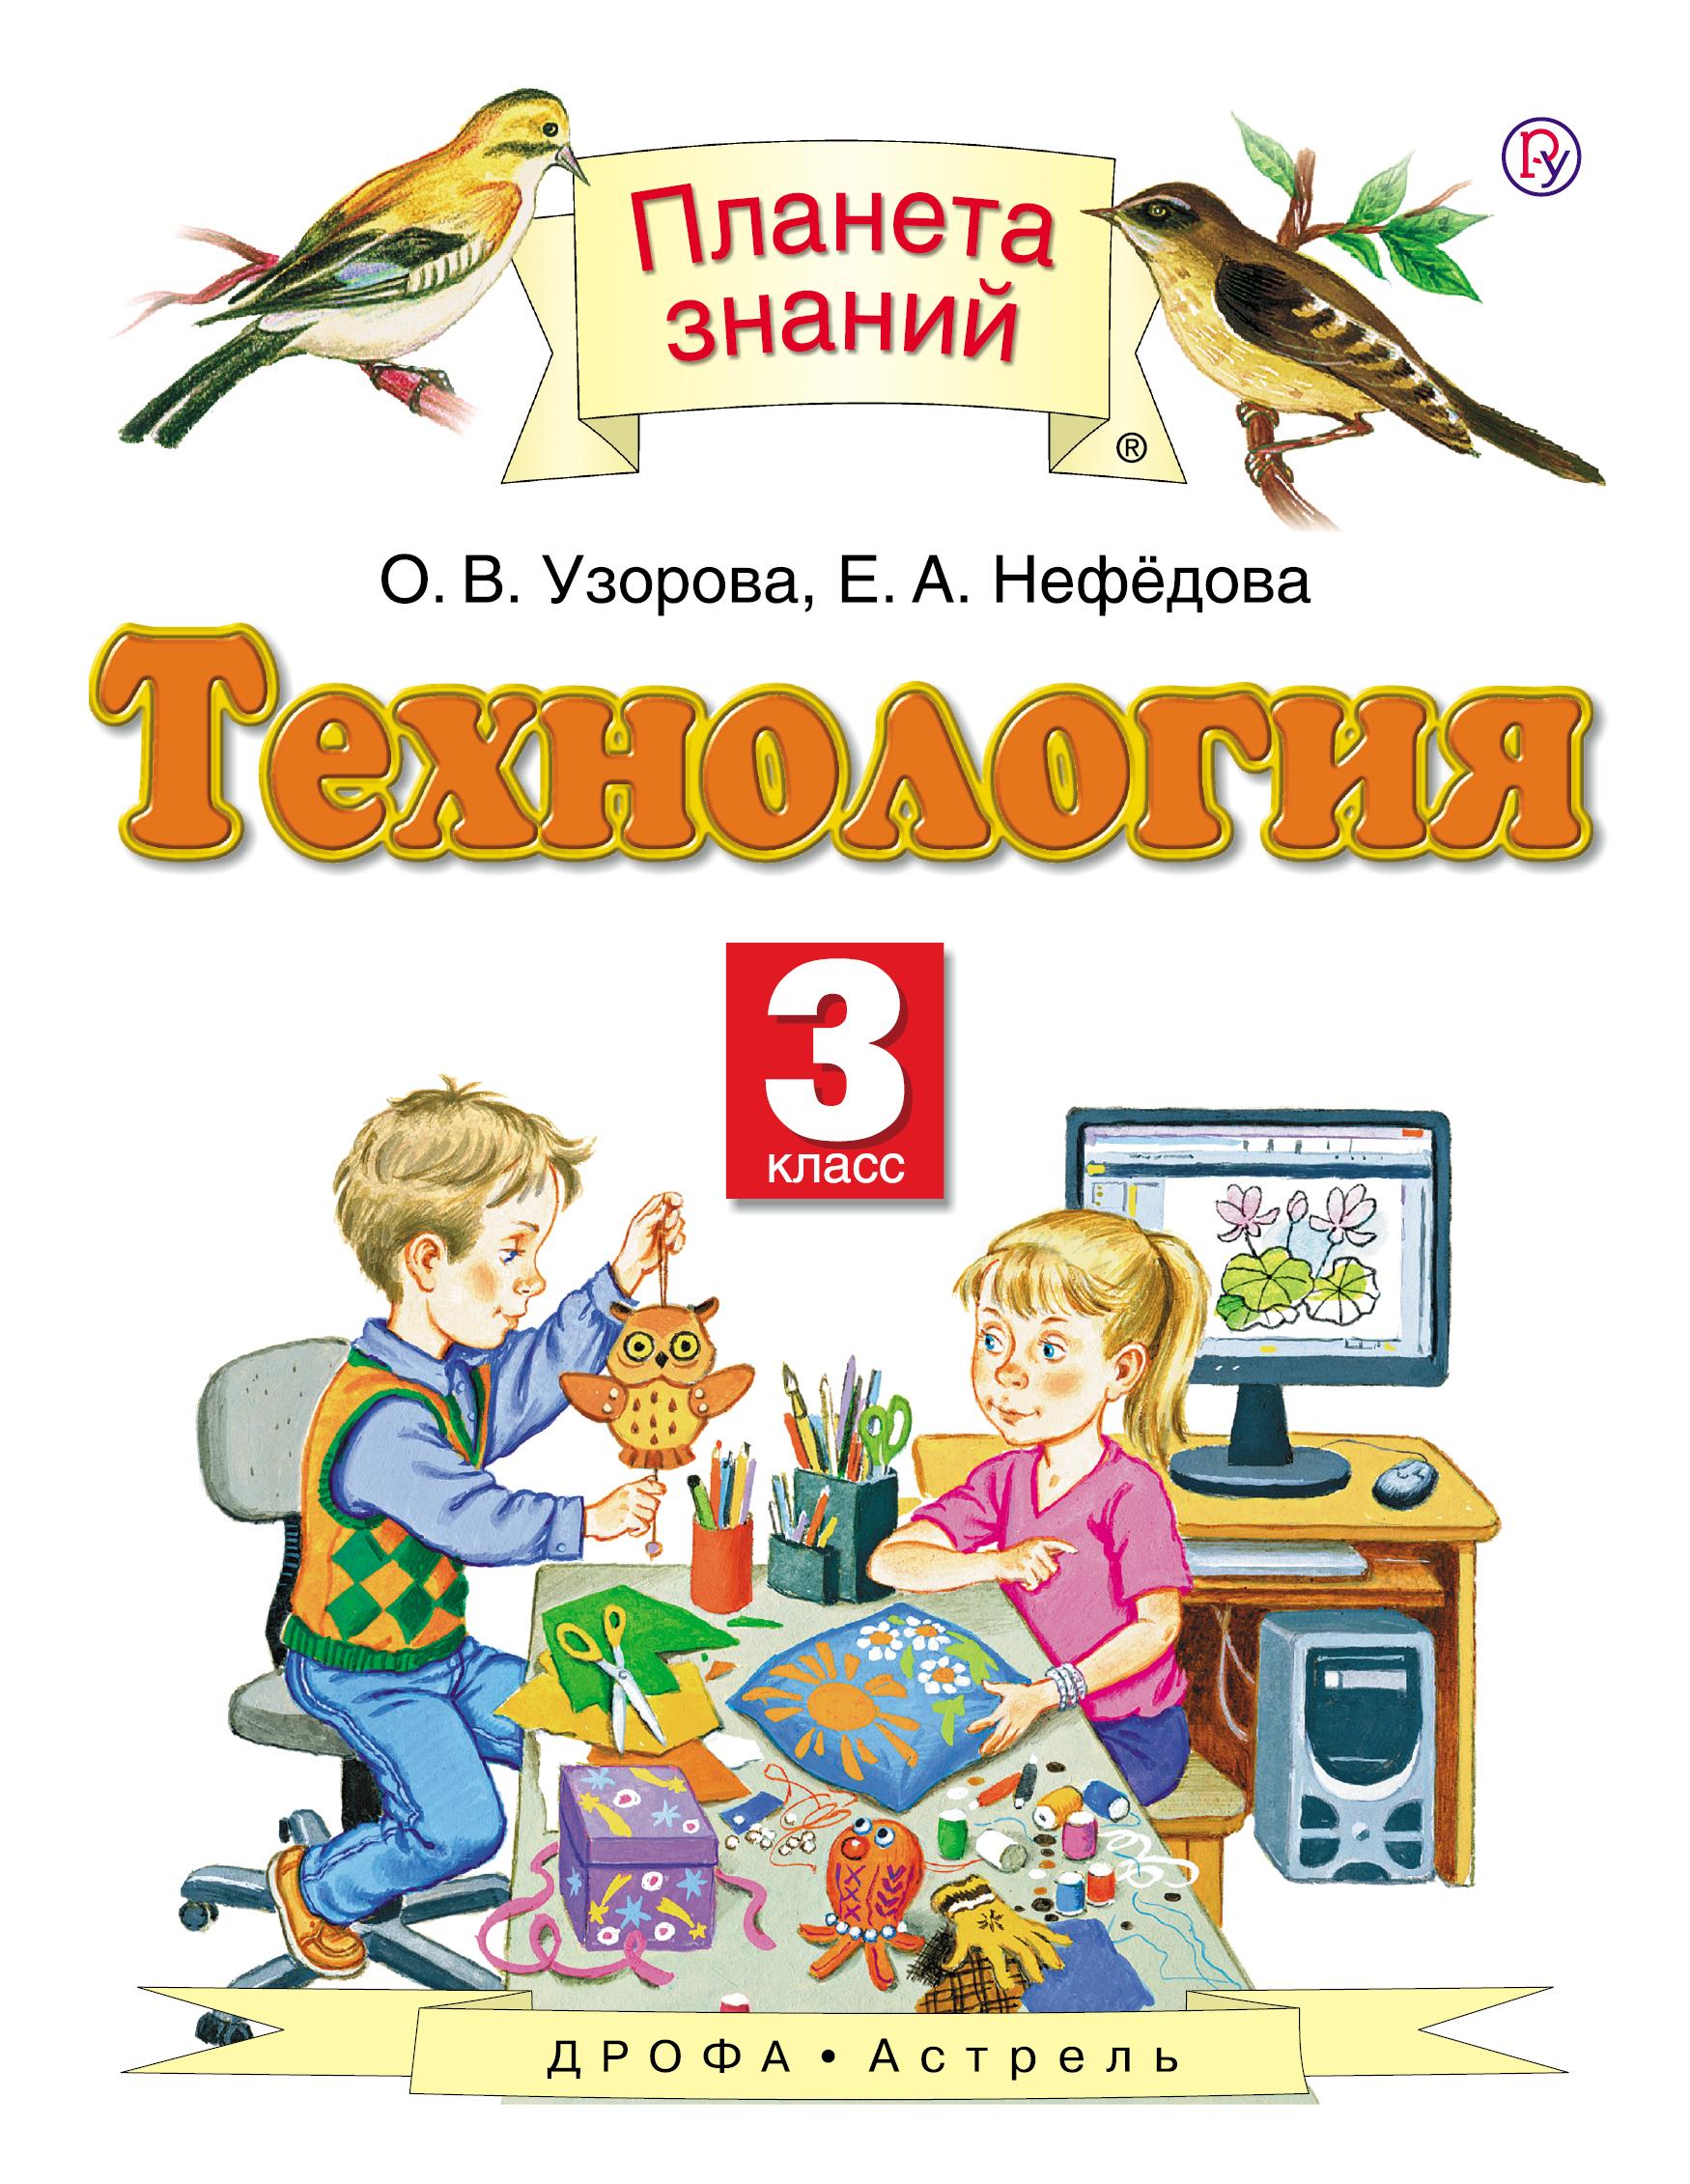 Узорова О.В., Нефедова Е.А. Технология. 3 класс. Учебник технология индустриальные технологии 6 класс рабочая тетрадь фгос